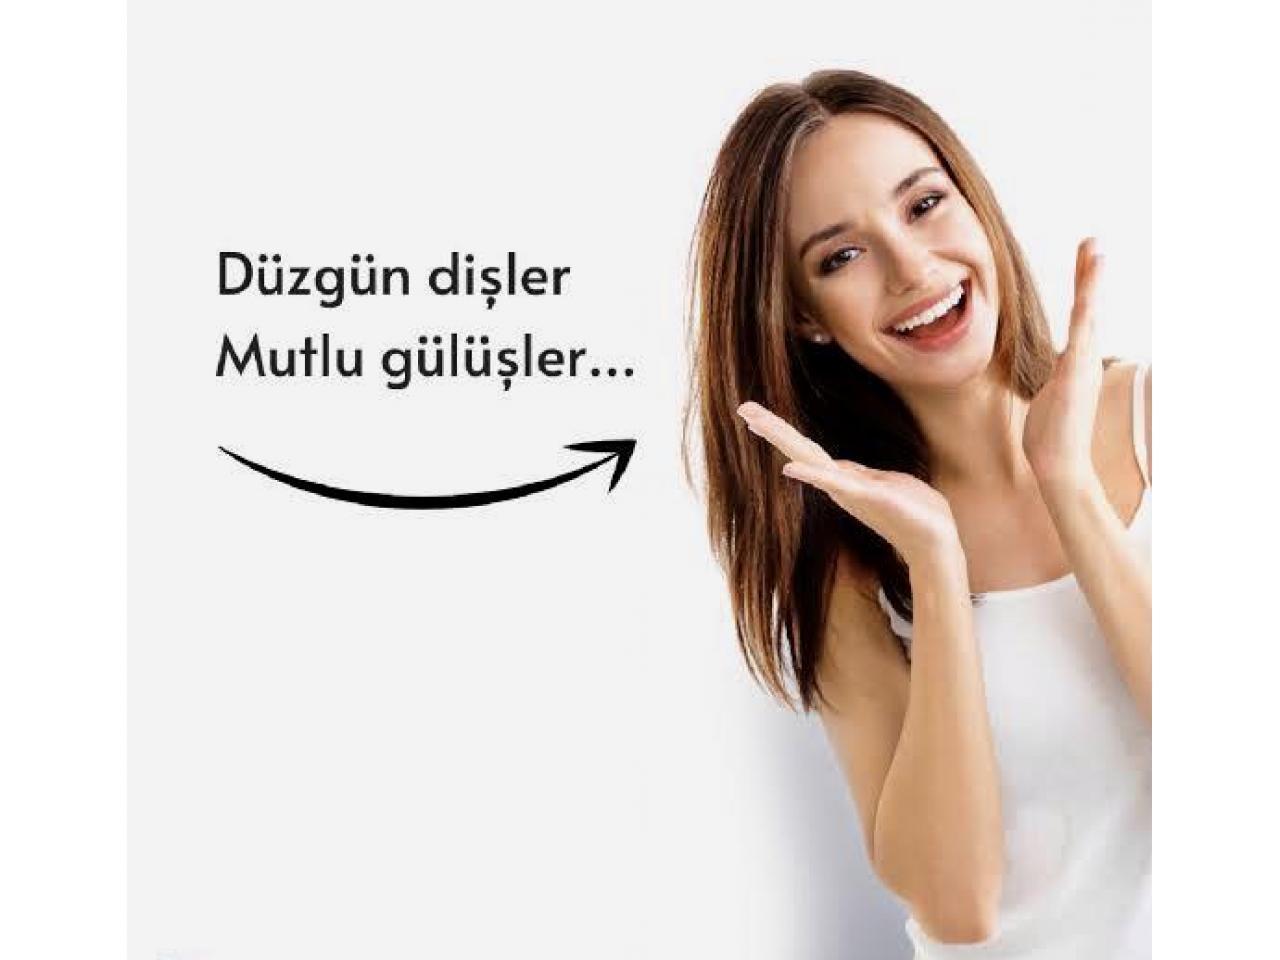 Турция! Отдых и Лечение! Стоматологические/Эстетические услуги в клиниках Стамбула - 8